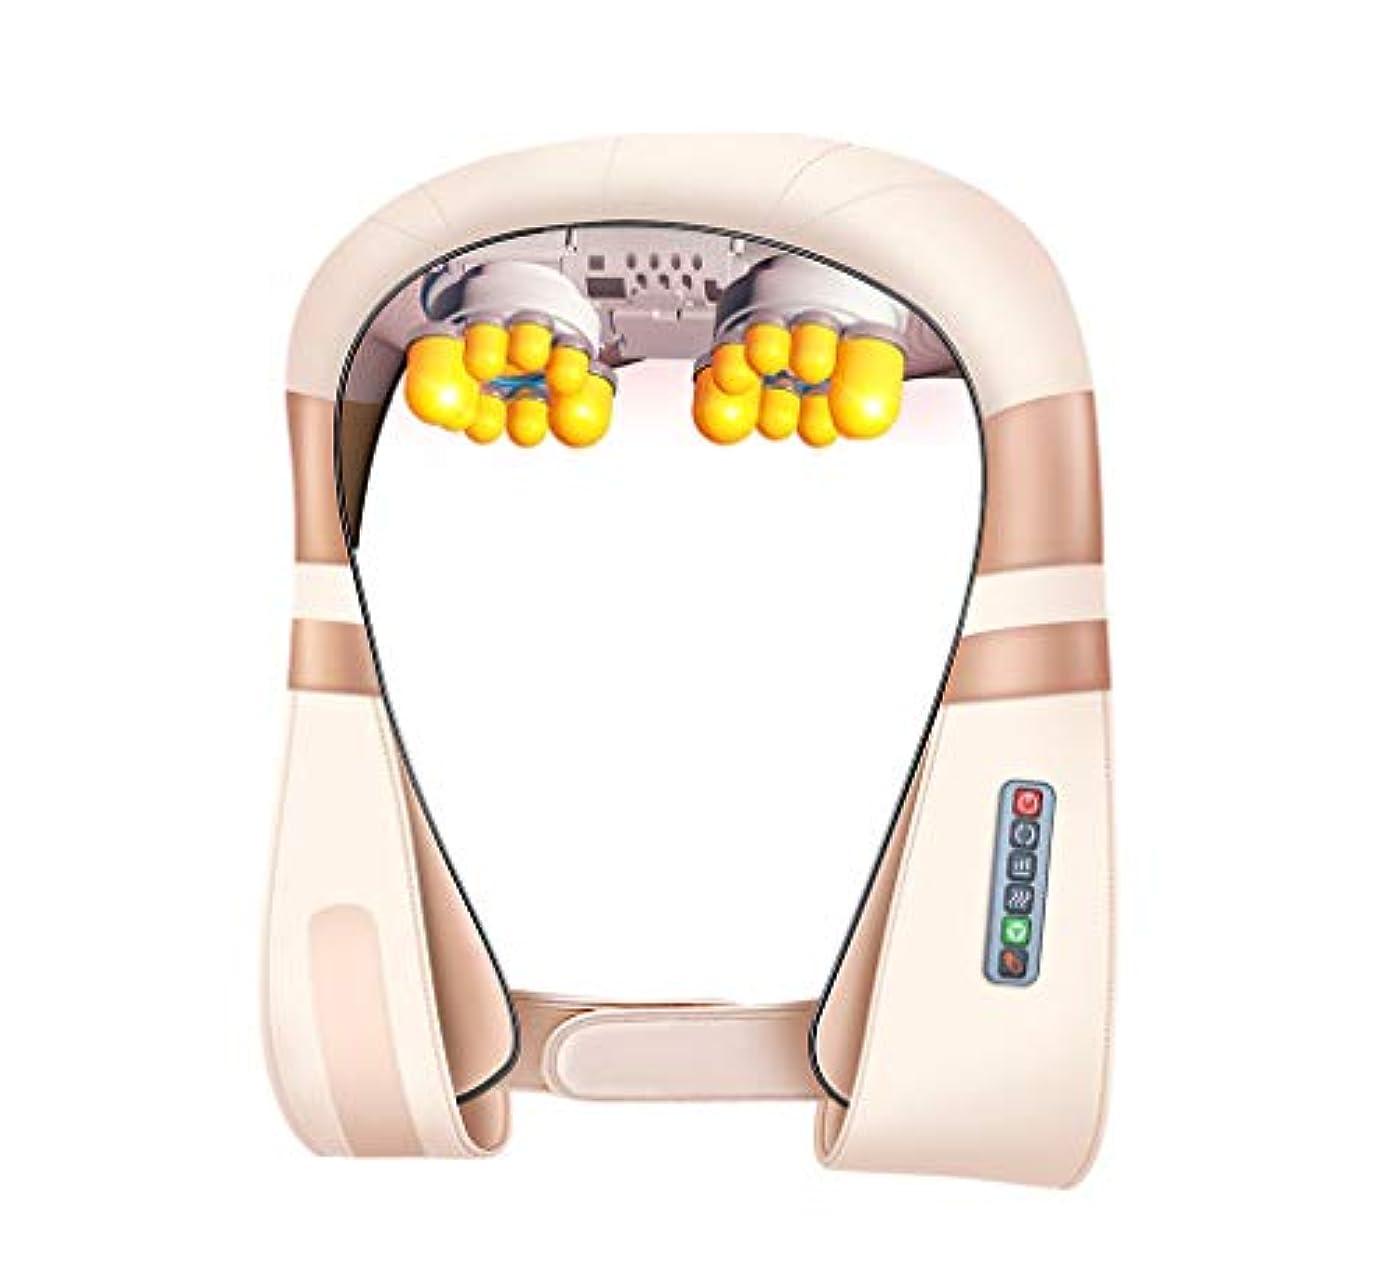 レバー過敏なセマフォ多機能8d ショルダーマッサージ, 車/ホームネック, 肩, ウエスト, 脚, 腕, 腹部電気マッサージ頸部温水ショール, 新しいアップグレード